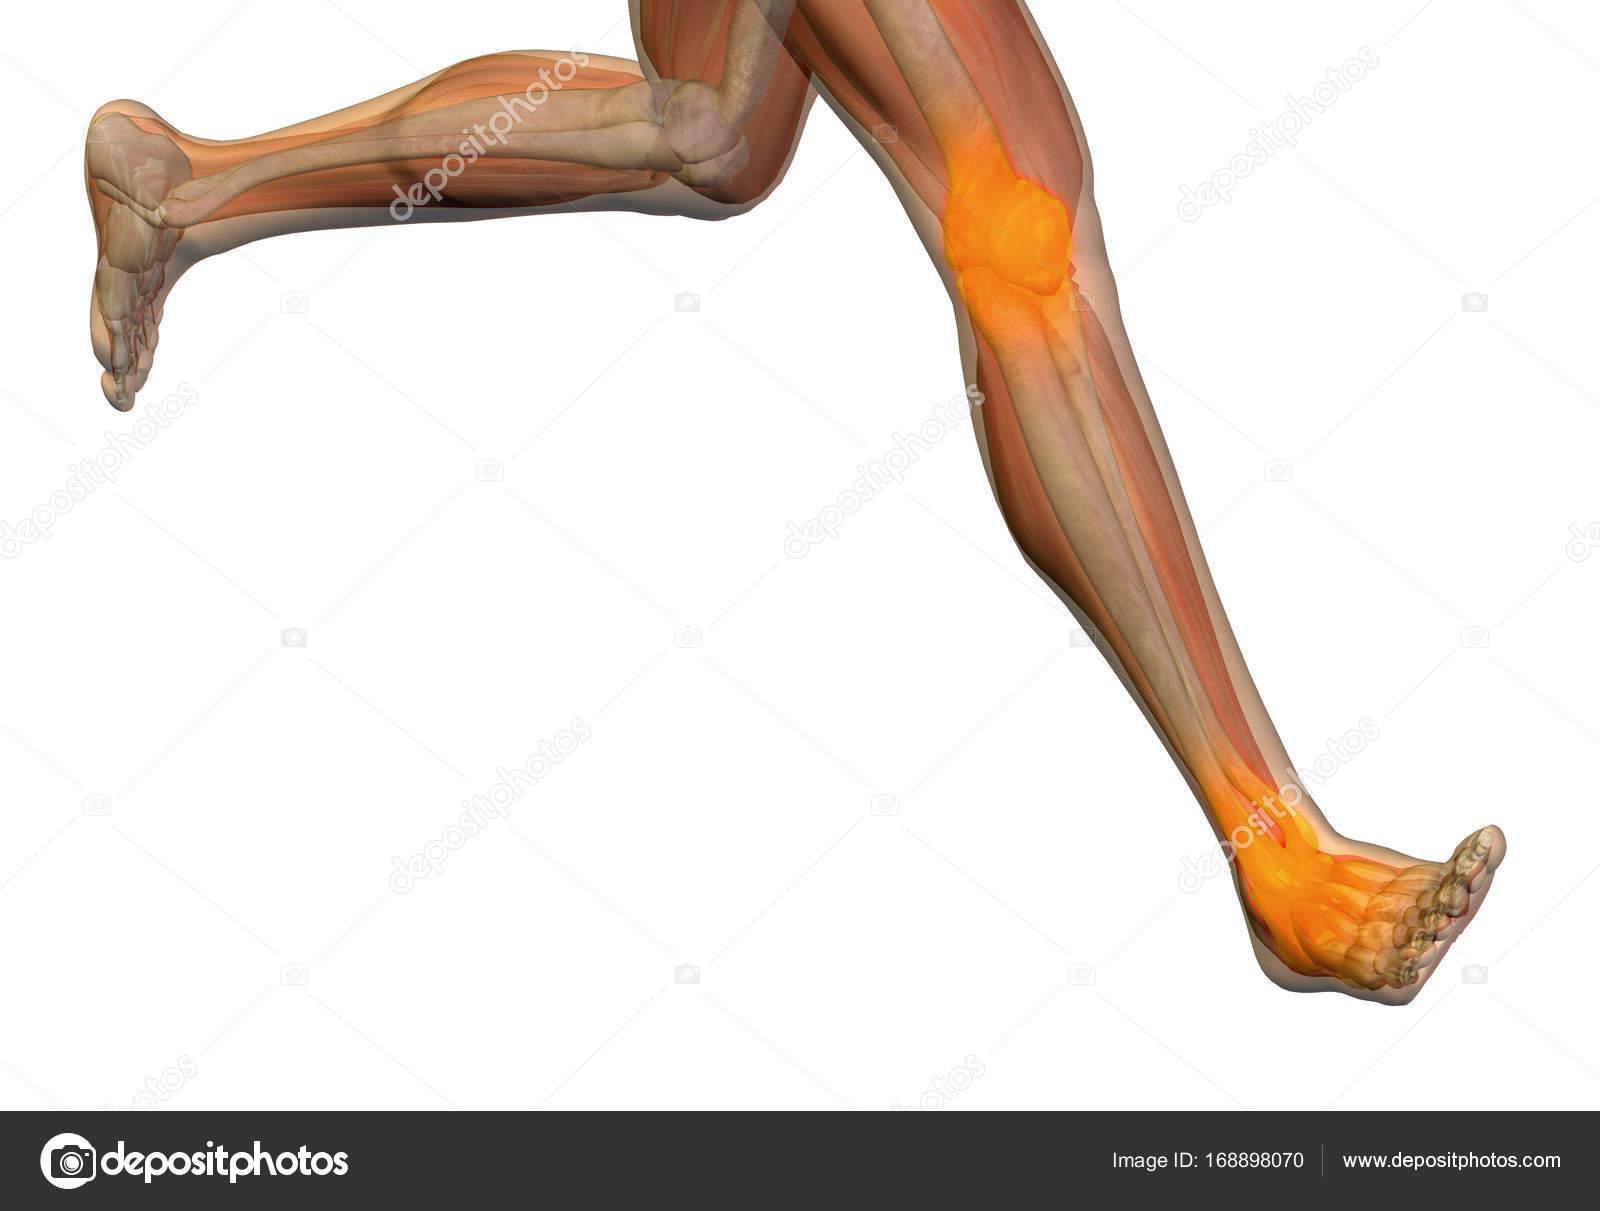 Konzeptionelle Abbildung Mensch Anatomie oder Gesundheit 3D-Design ...